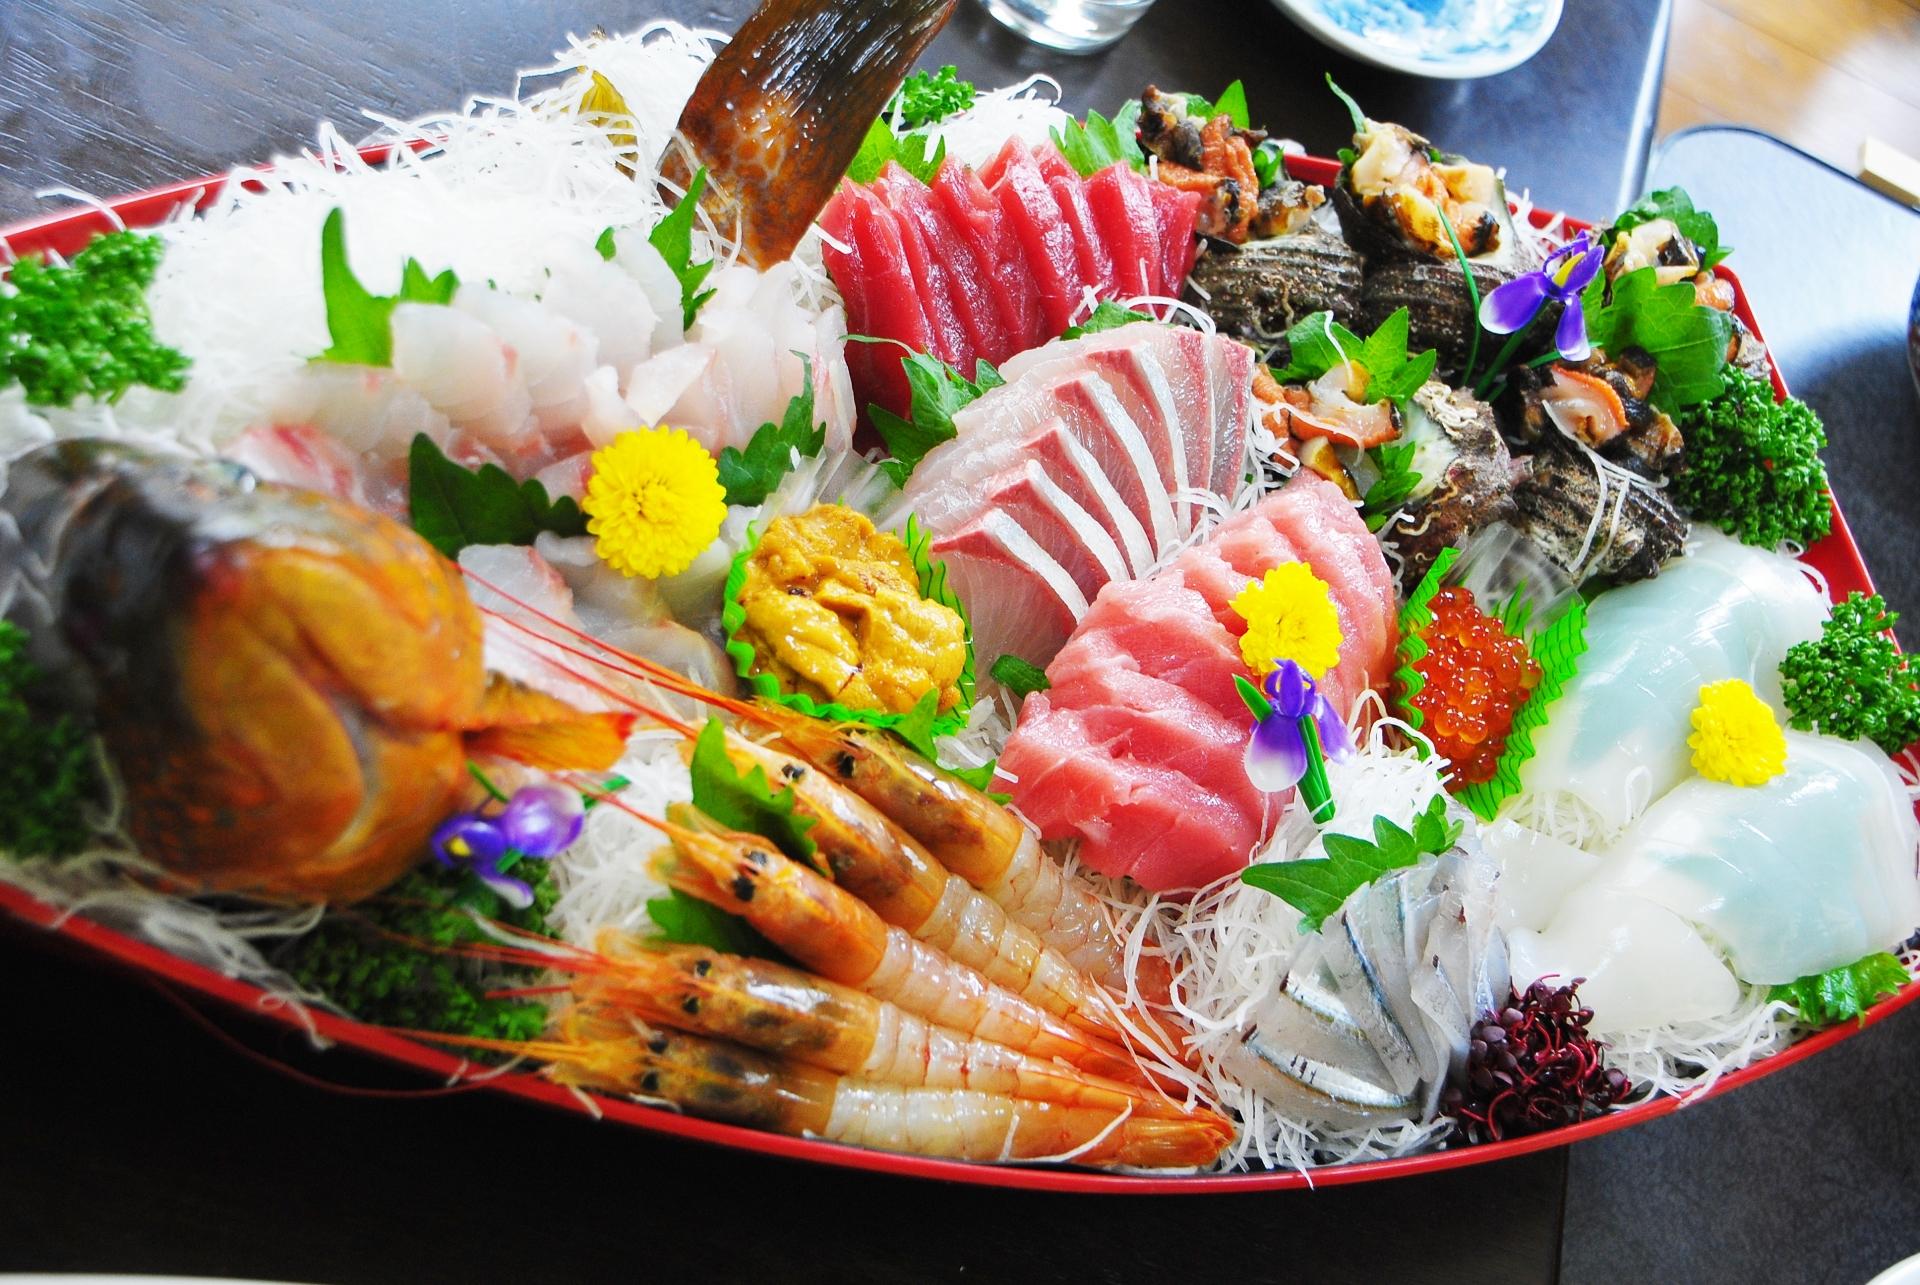 長崎で「卓袱料理」が人気のお店まとめ!ランチが楽しめるおすすめ店もあり!